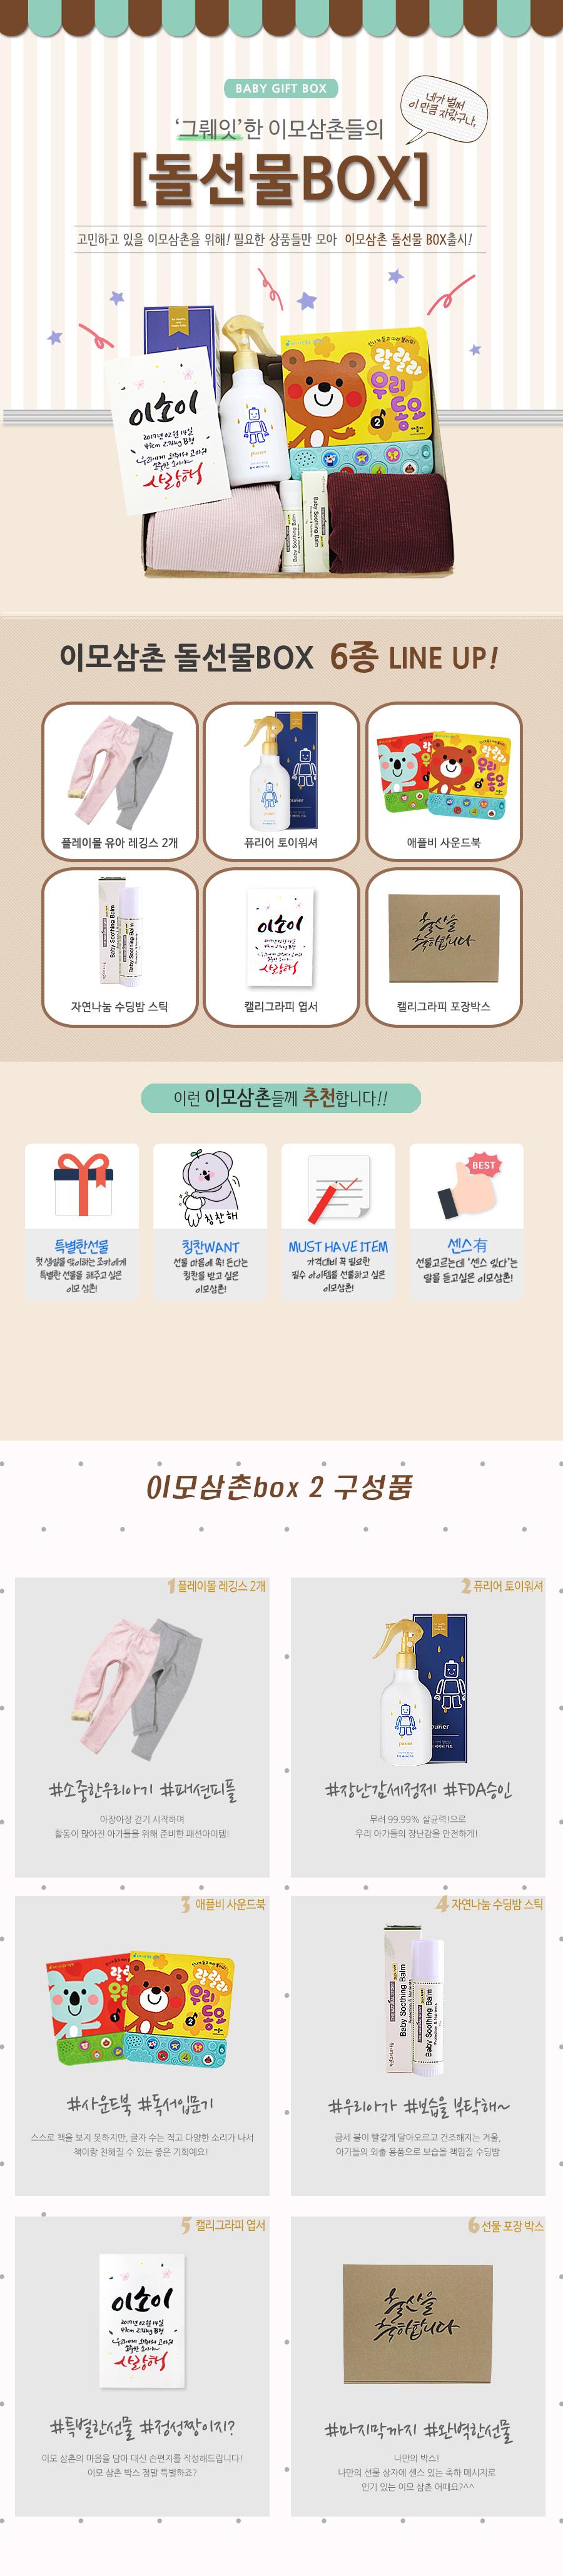 하라로이 이모삼촌 돌선물박스(6종 A세트) - 아바드, 42,900원, 기저귀케익/선물세트, 선물세트